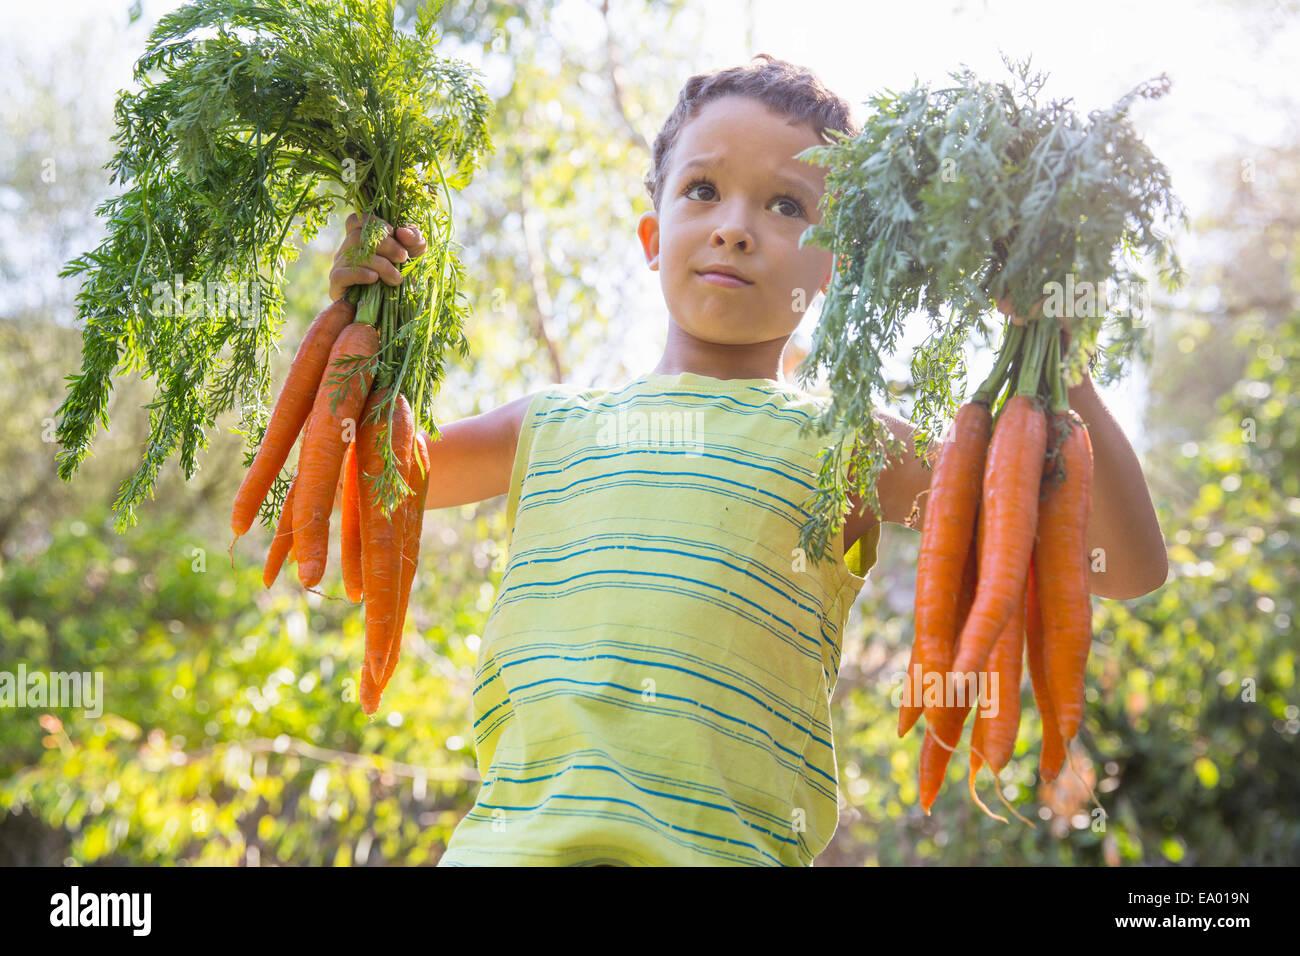 Retrato de niño en jardín sosteniendo manojos de zanahorias Foto de stock